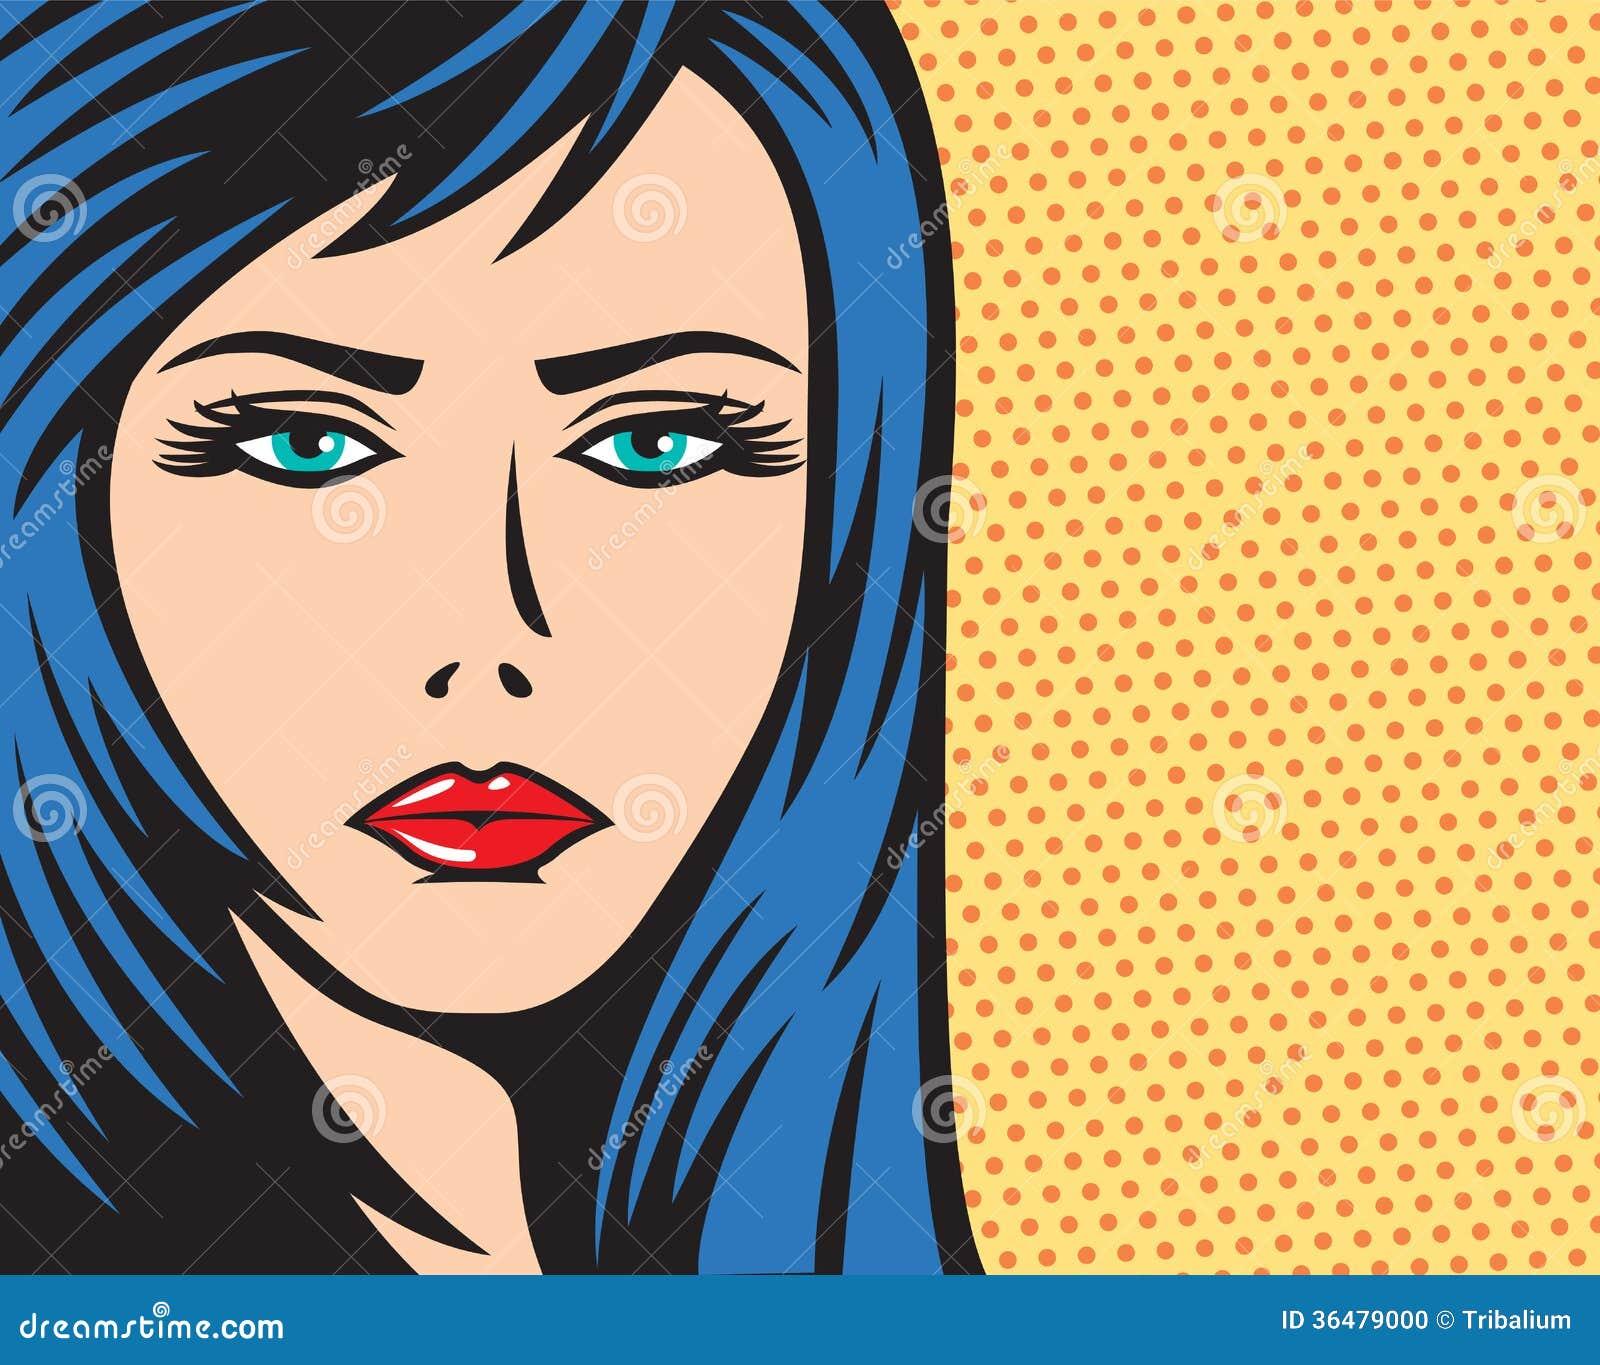 art decco facial illustrations